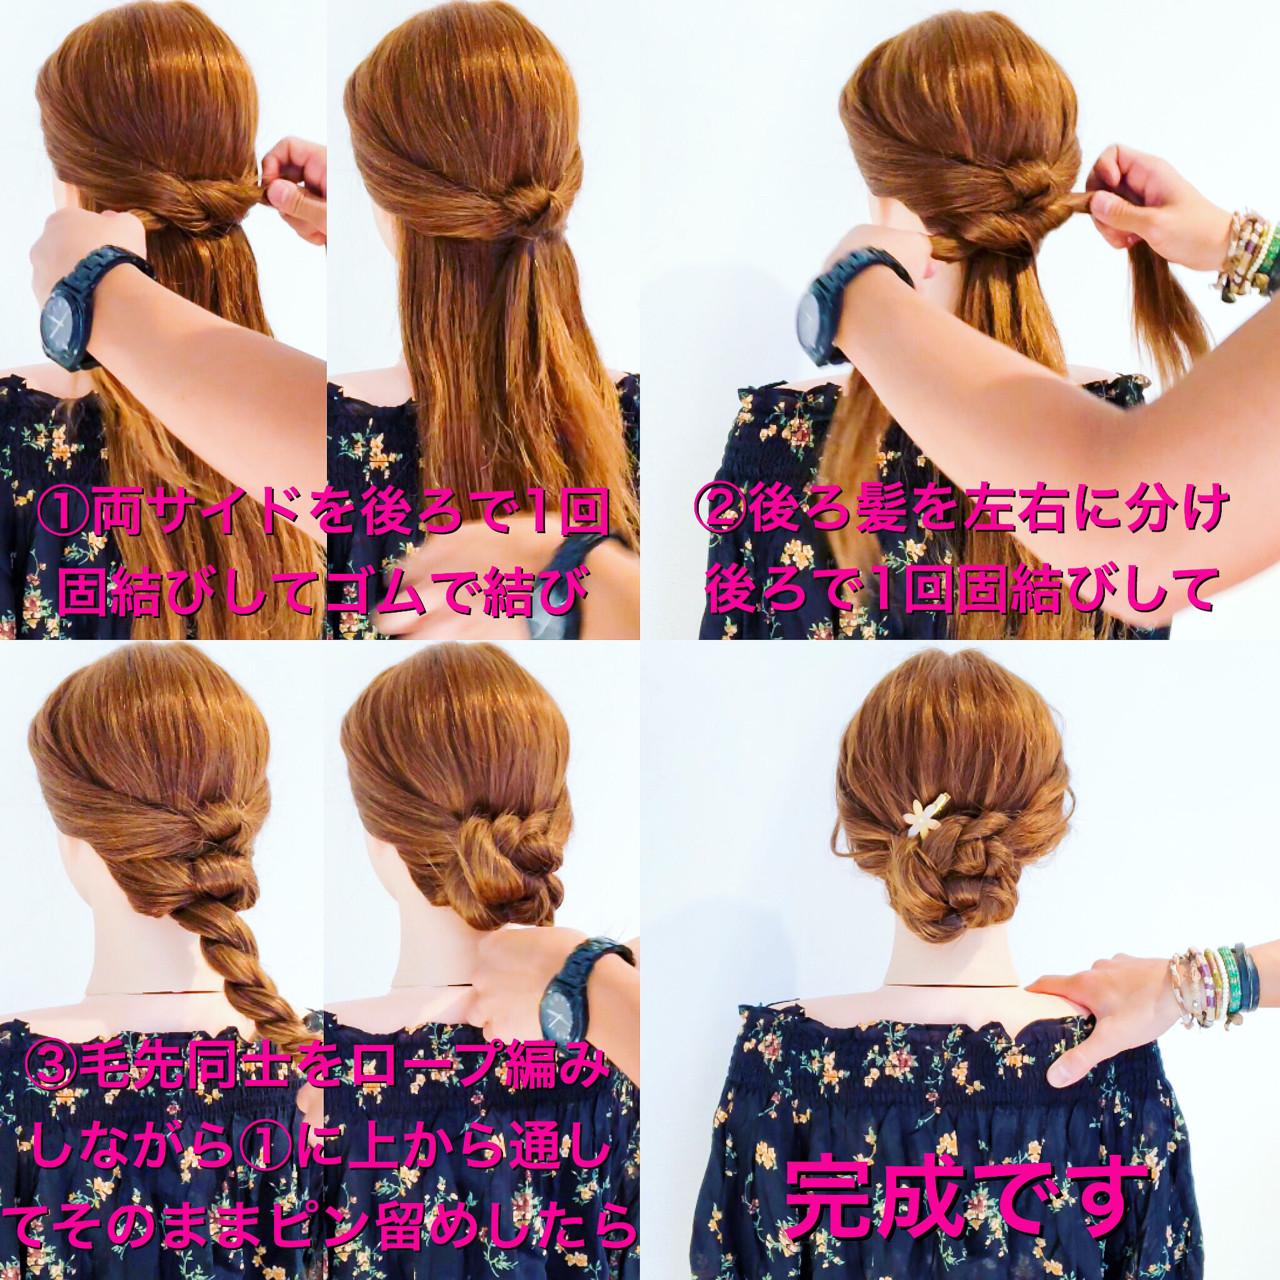 エレガント 簡単ヘアアレンジ ロング ヘアアレンジヘアスタイルや髪型の写真・画像